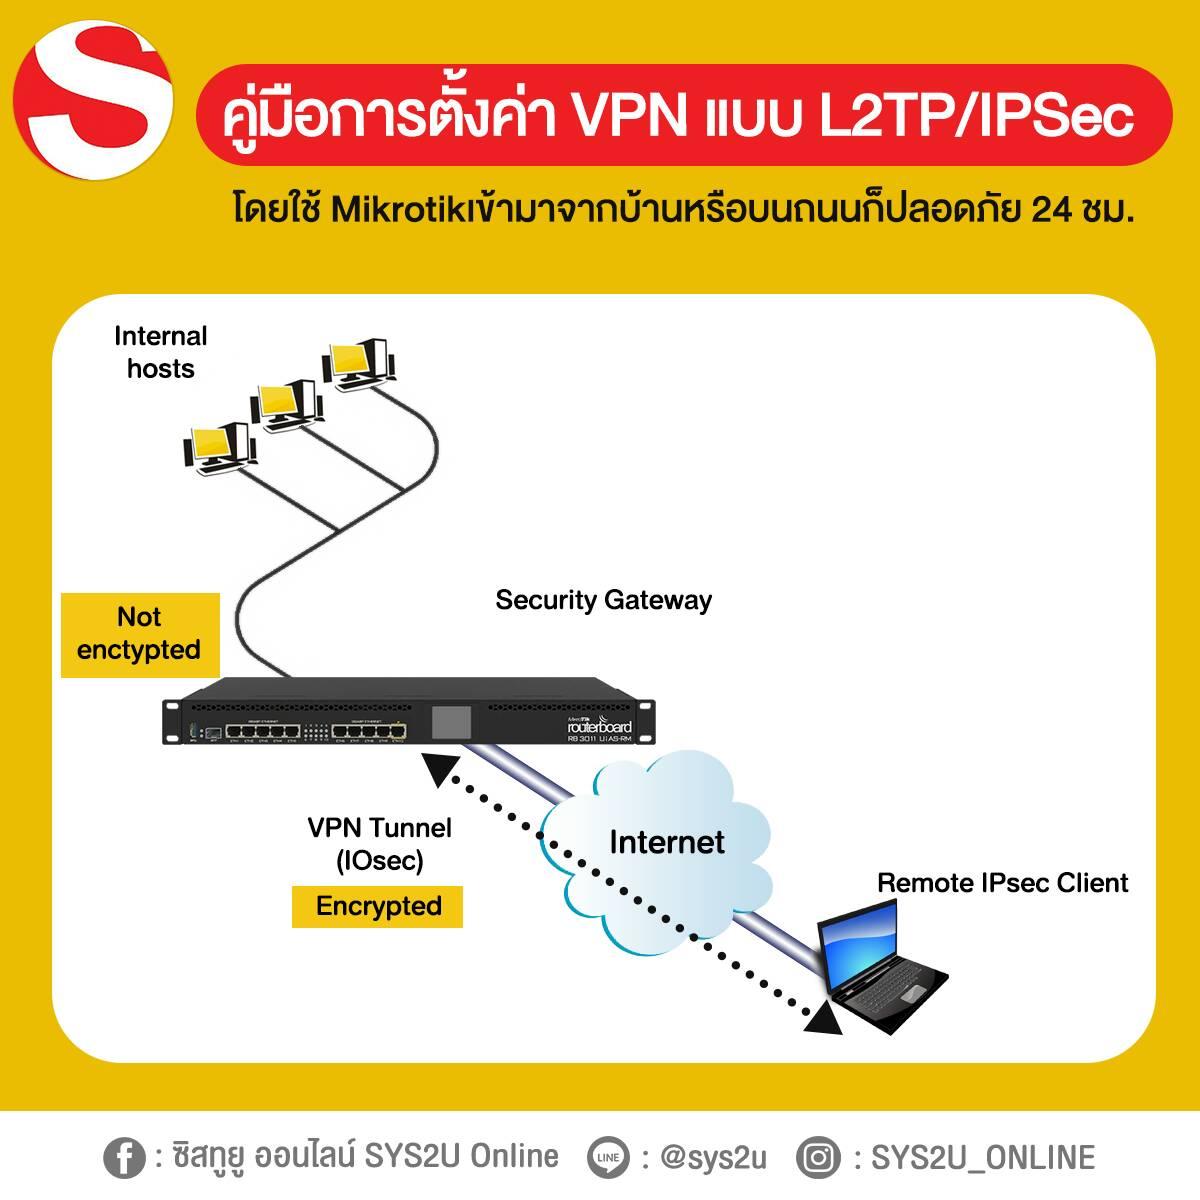 VPN : คู่มือการตั้งค่า MikroTik ให้ทำงานเป็น VPN Server แบบ